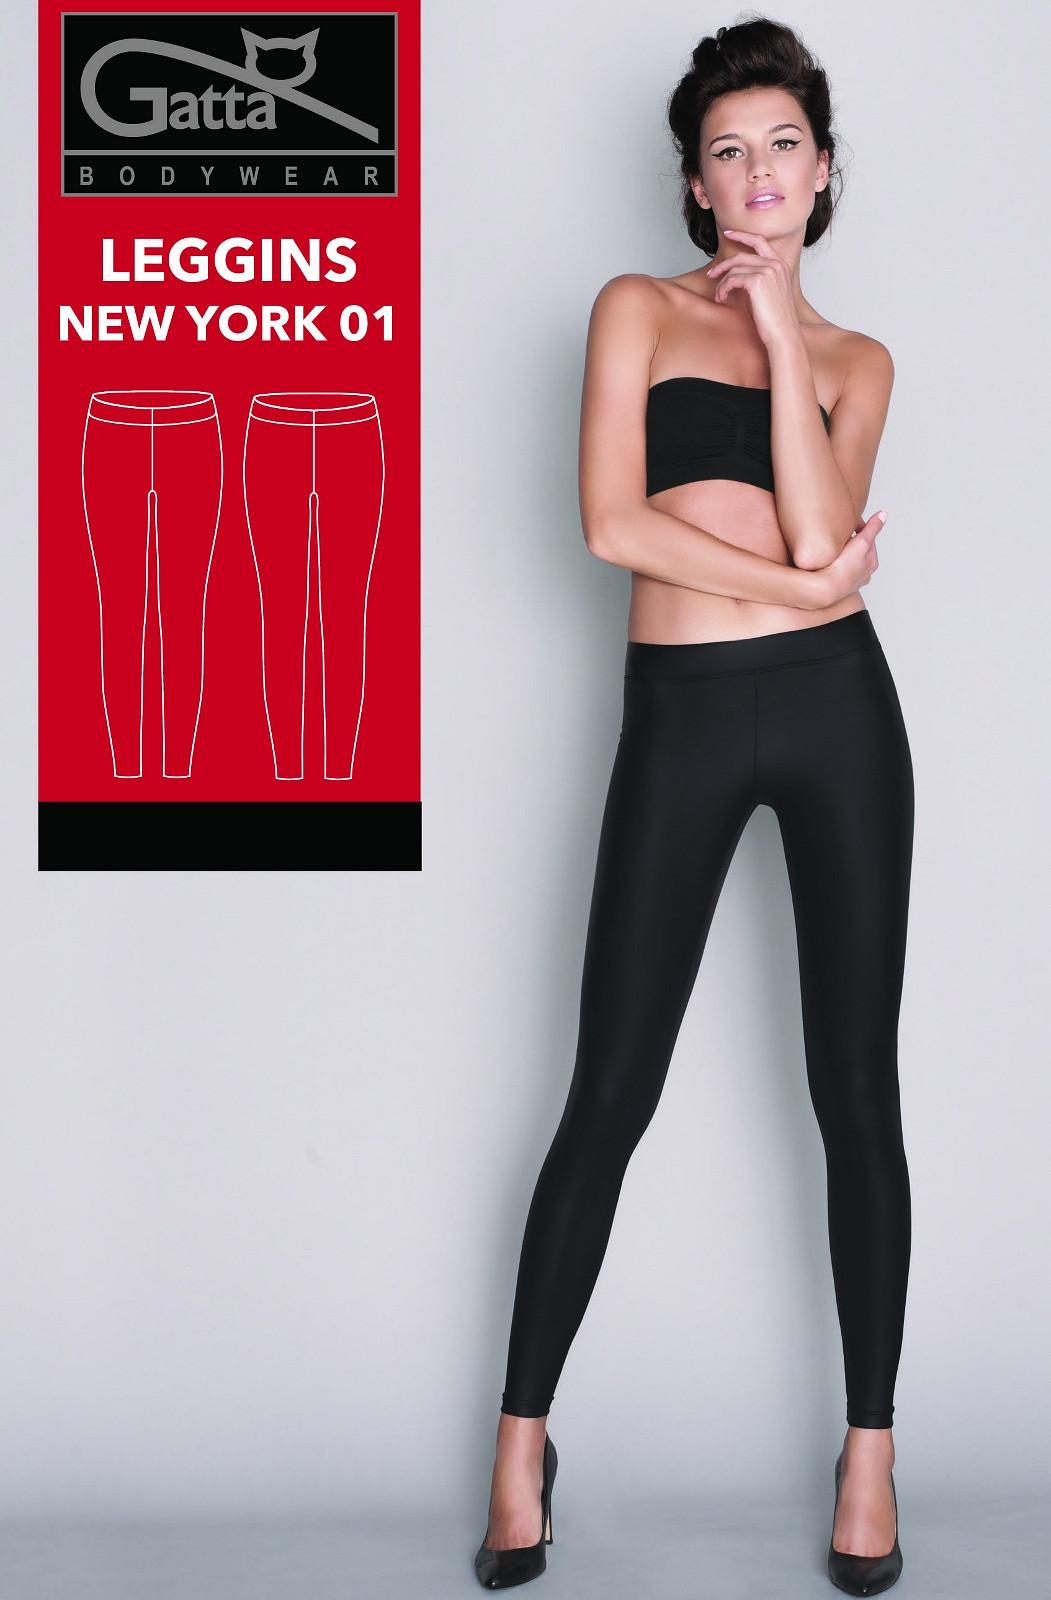 Dámske legíny Gatta New York 01 4611S čierna / čierna L